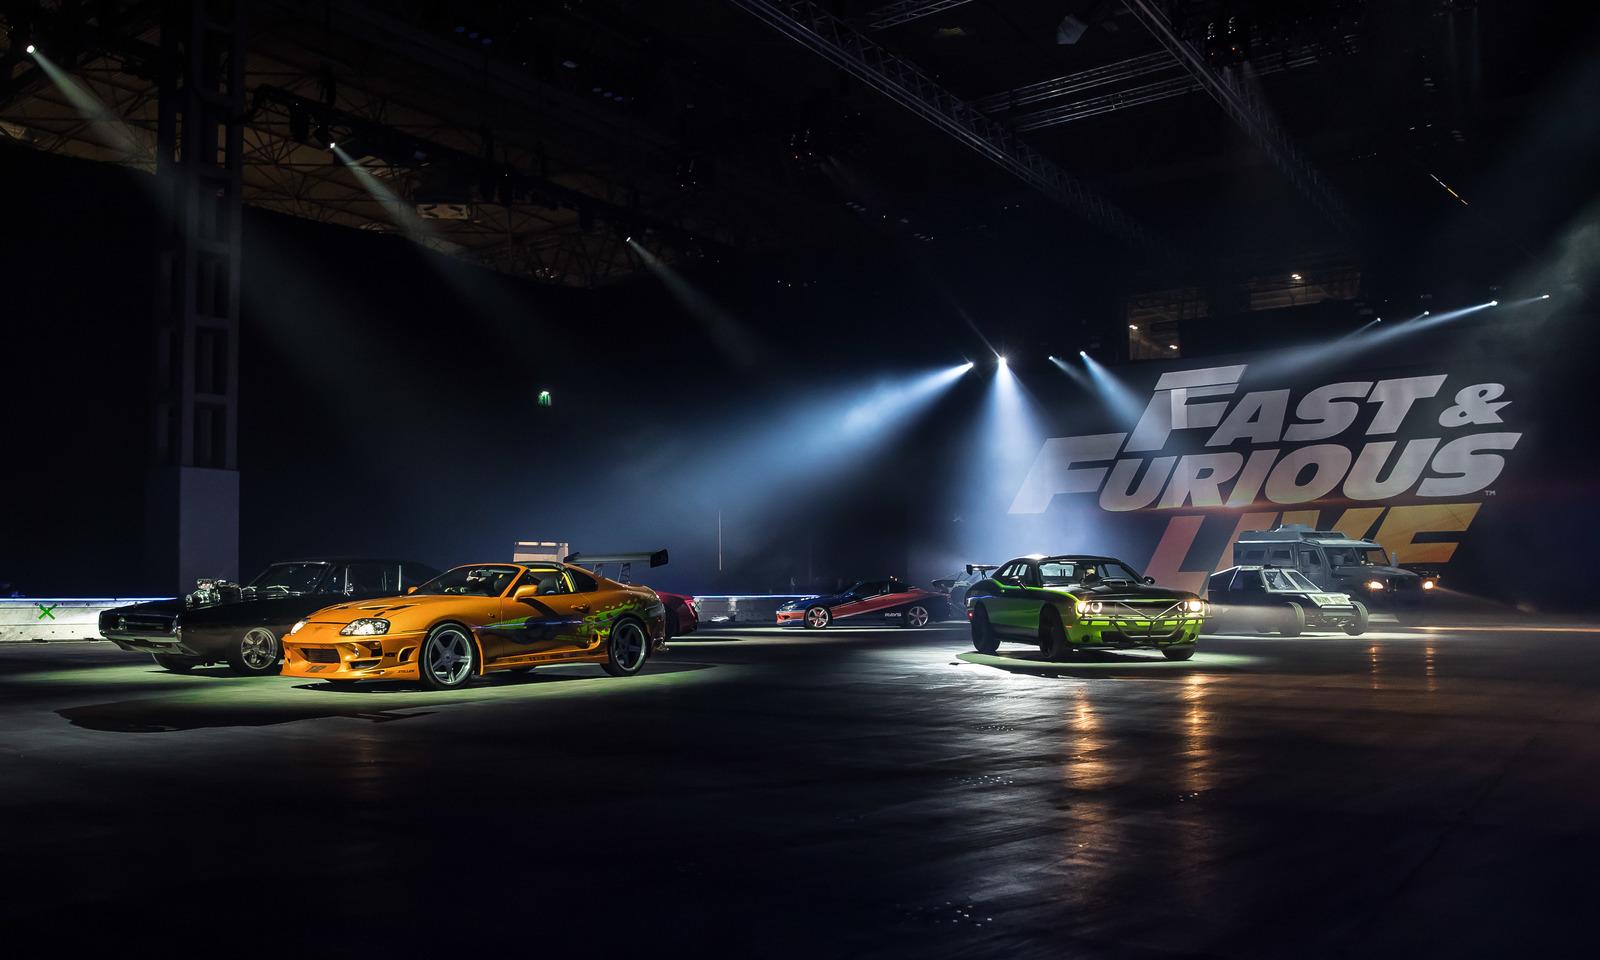 Mitsubishijeva vozila u Fast & Furious Live show prkose fizici